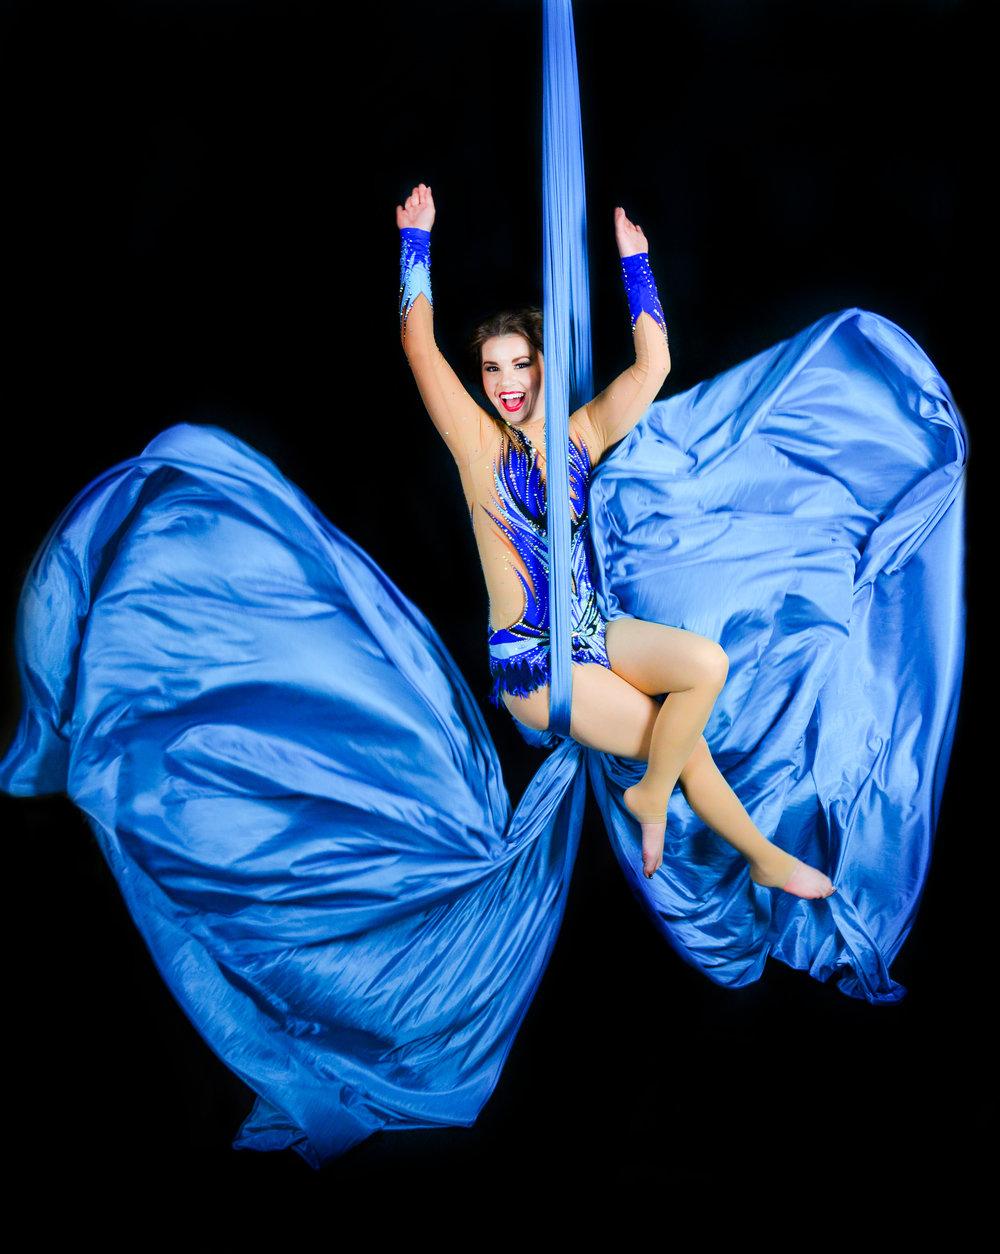 aerial silks photographer